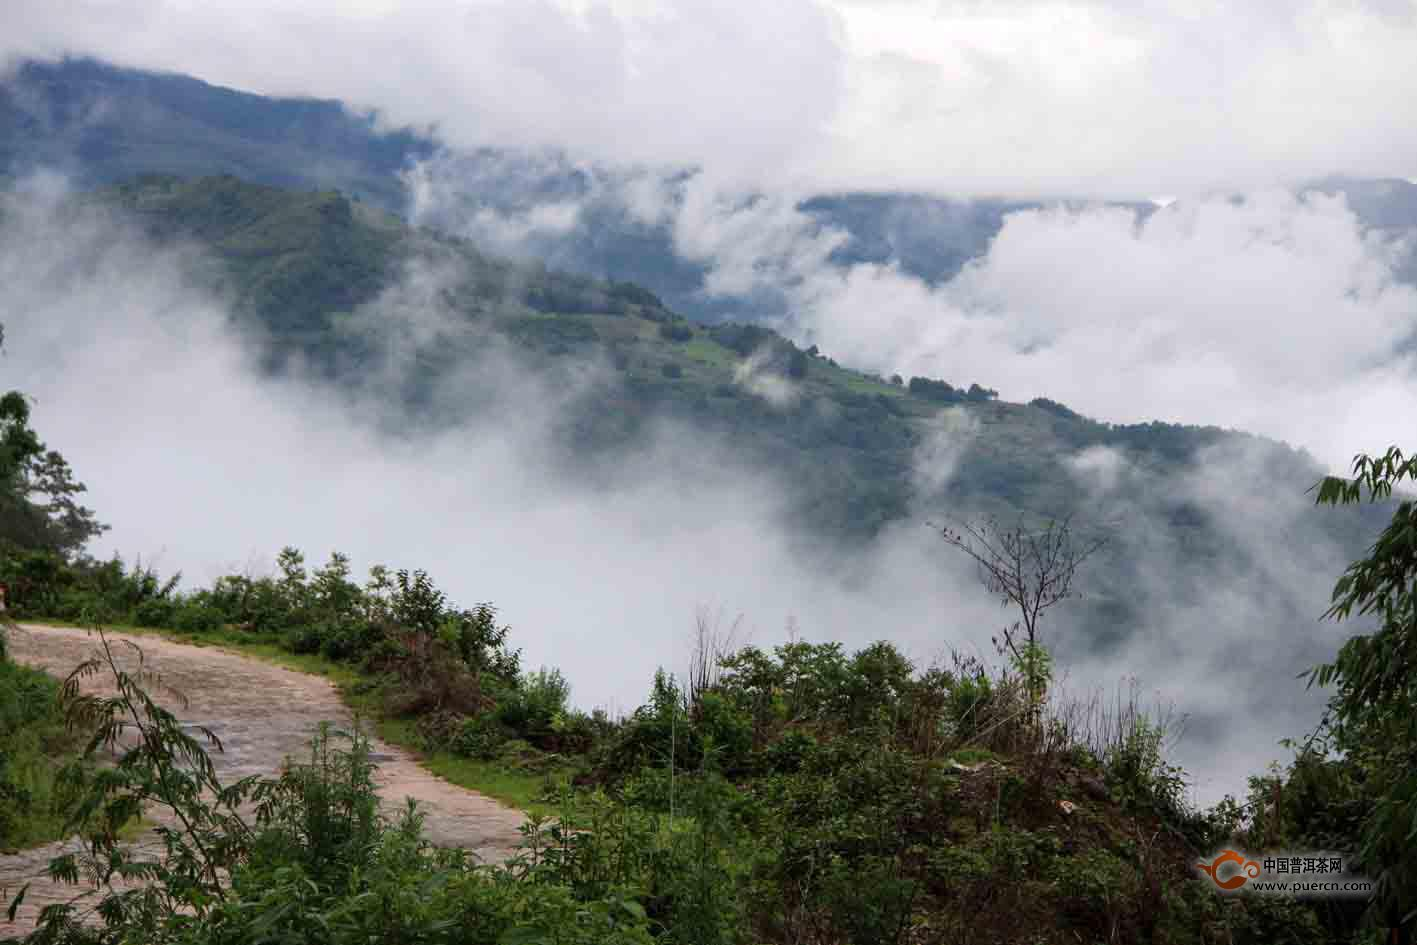 印象邦丙:云雾中的恬静秘境——山青篇